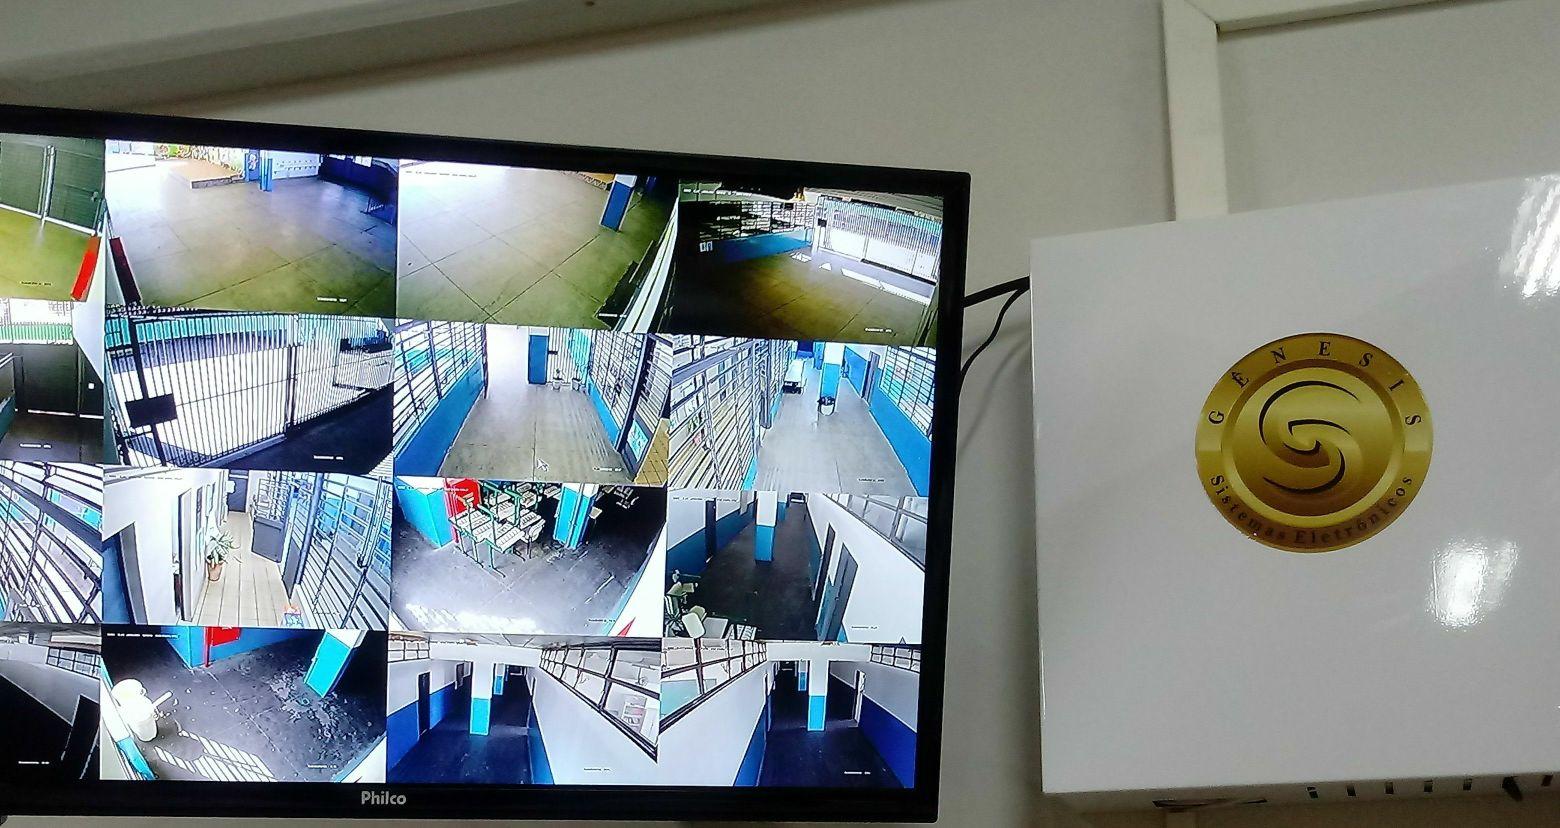 instalação e configuração de sistema de cameras